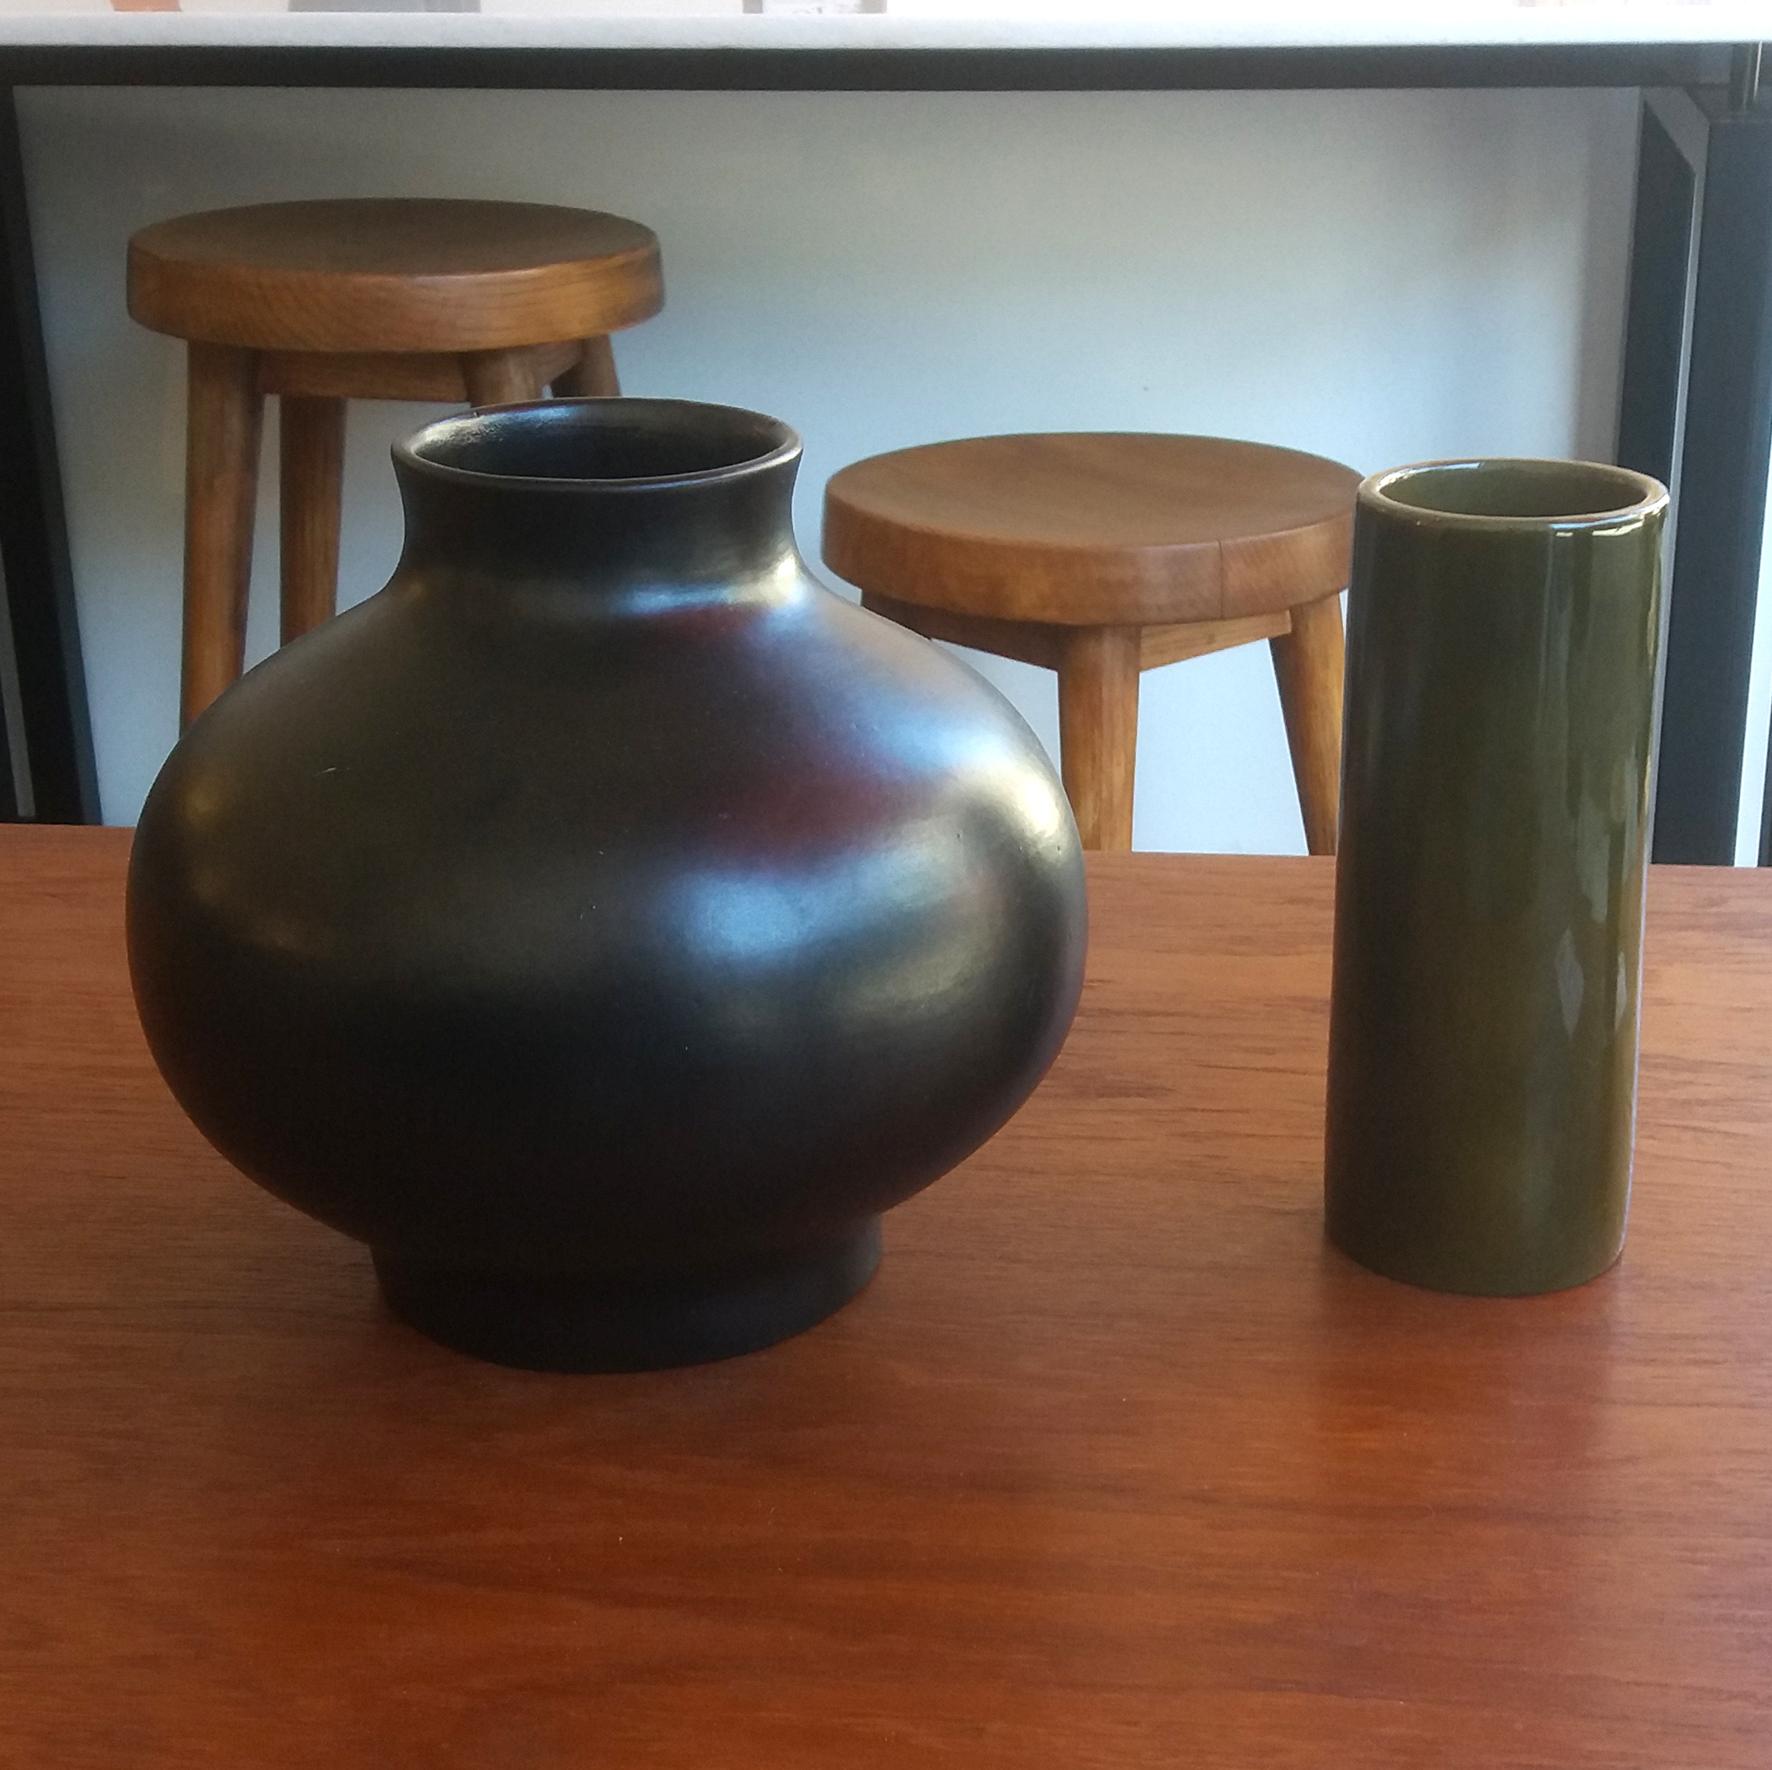 Vase noir et vase rouleau, c. 1970